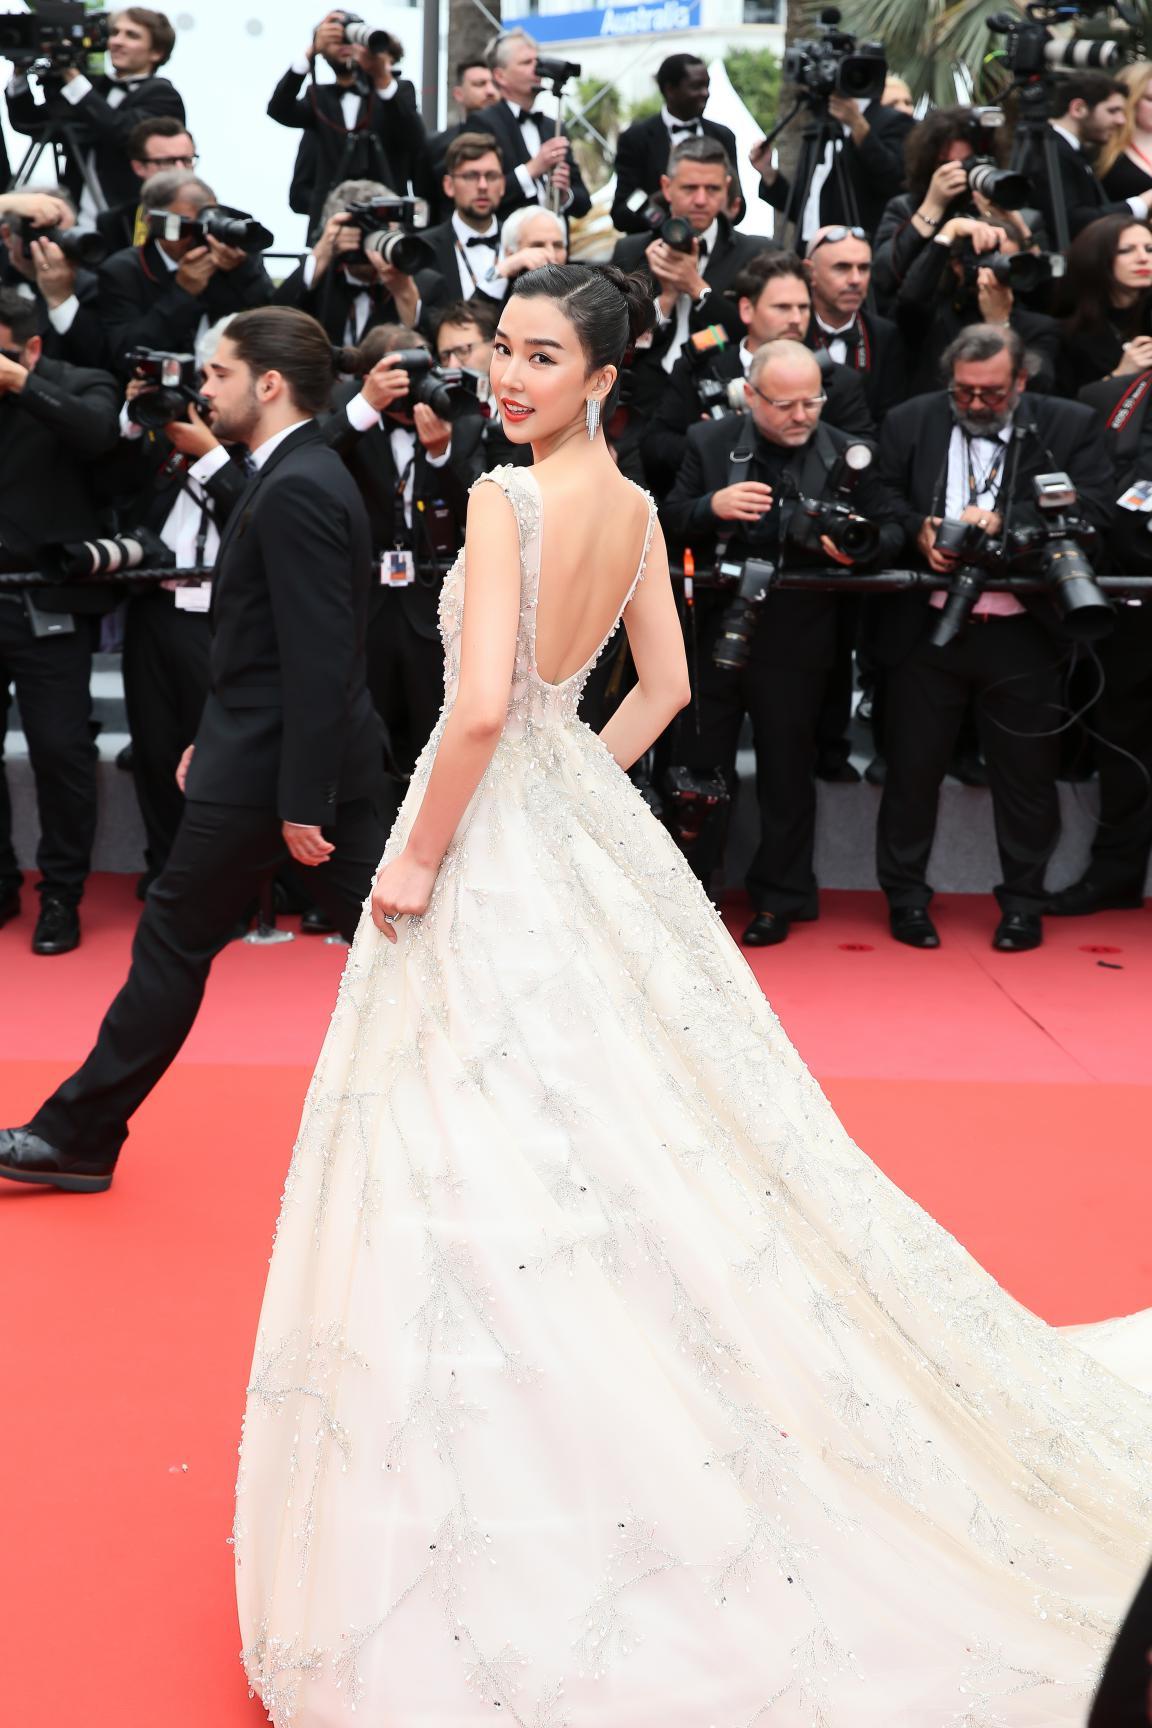 姚星彤亮相戛纳电影节 白色长裙诠释优雅美